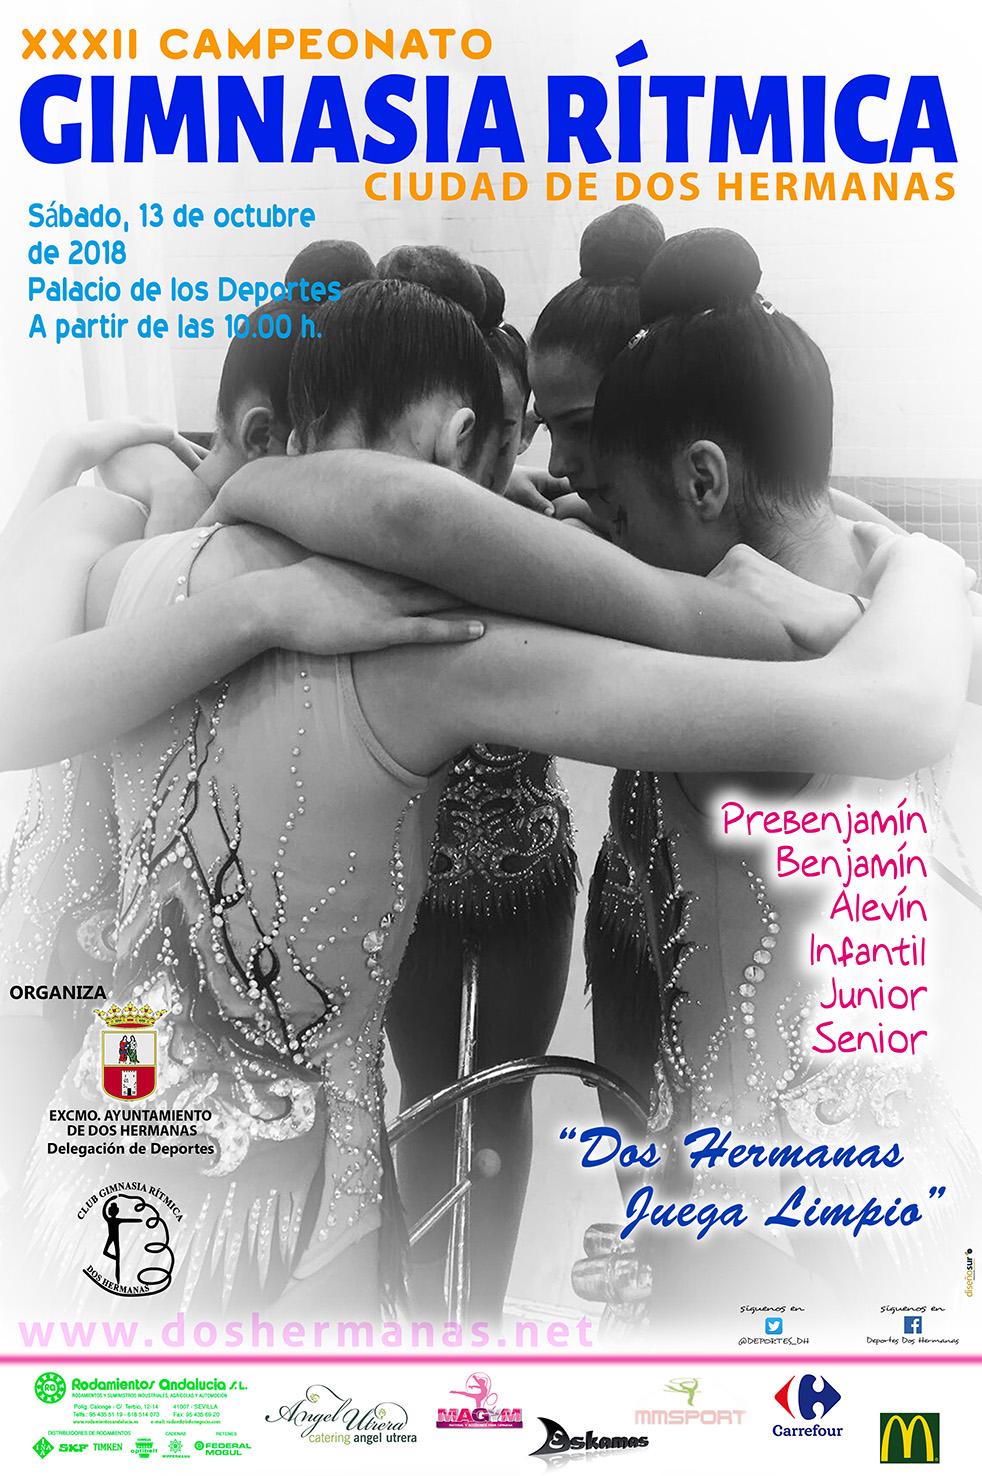 XXXII Campeonato Gimnasia Rítmica Ciudad de Dos Hermanas en el Palacio de los Deportes